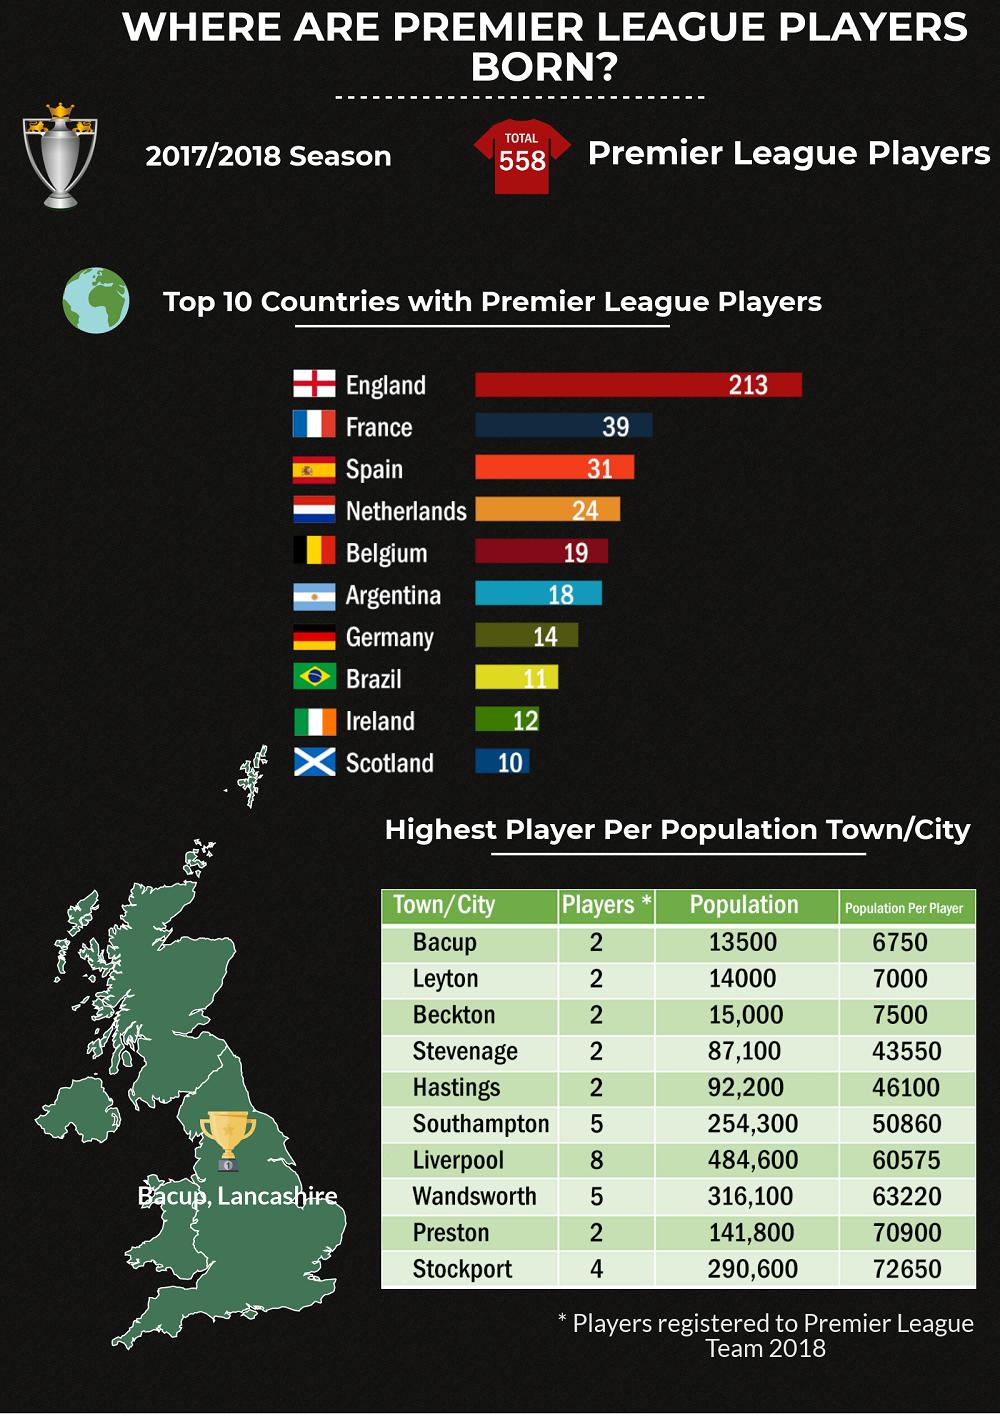 Premier League Players -https://www.fanseats.co.uk